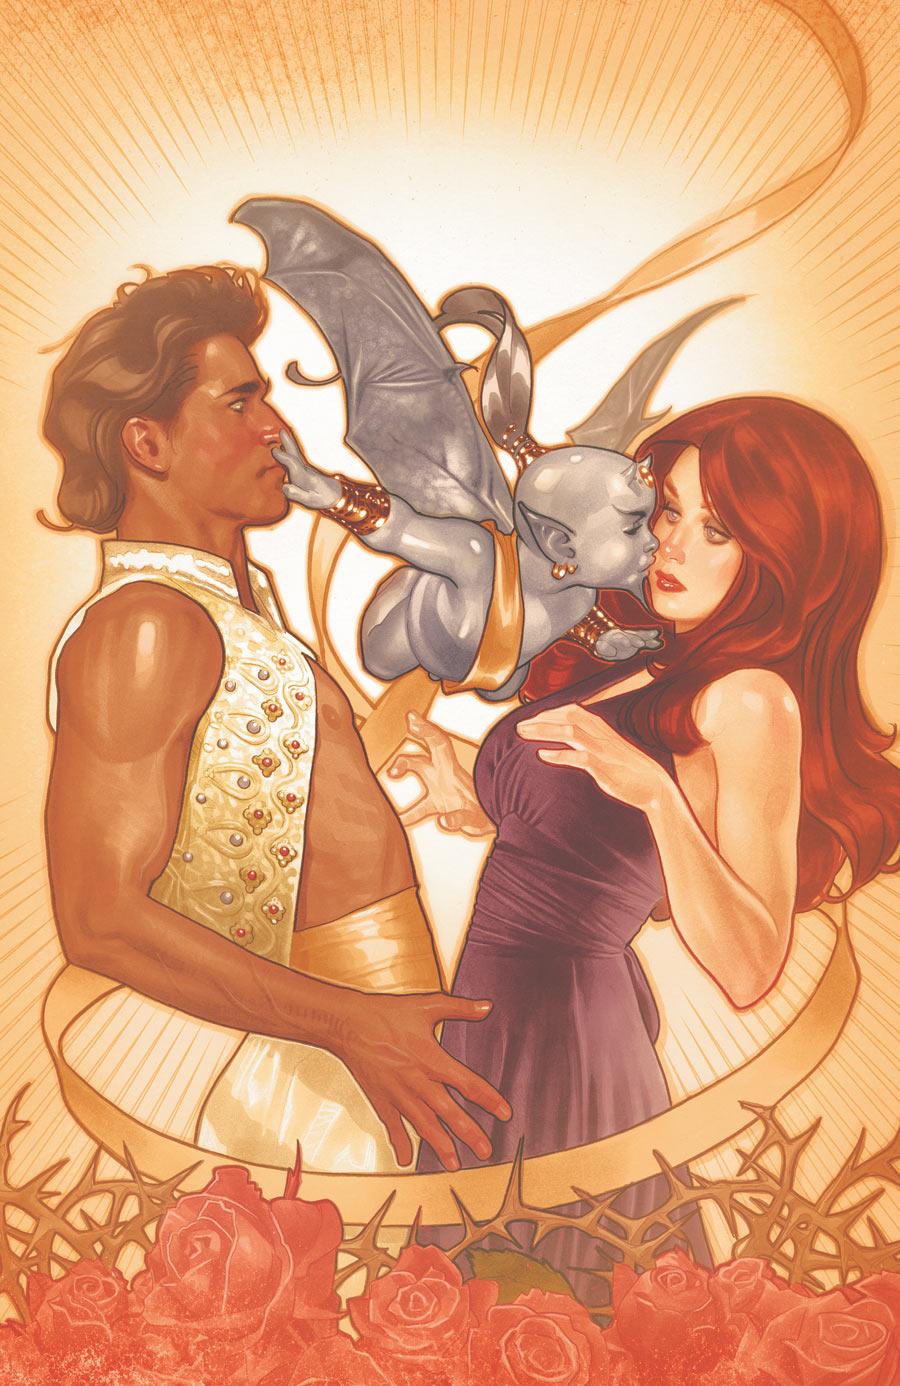 Fairest #2 (2012) - DC/Vertigo - Cover: Adam Hughes